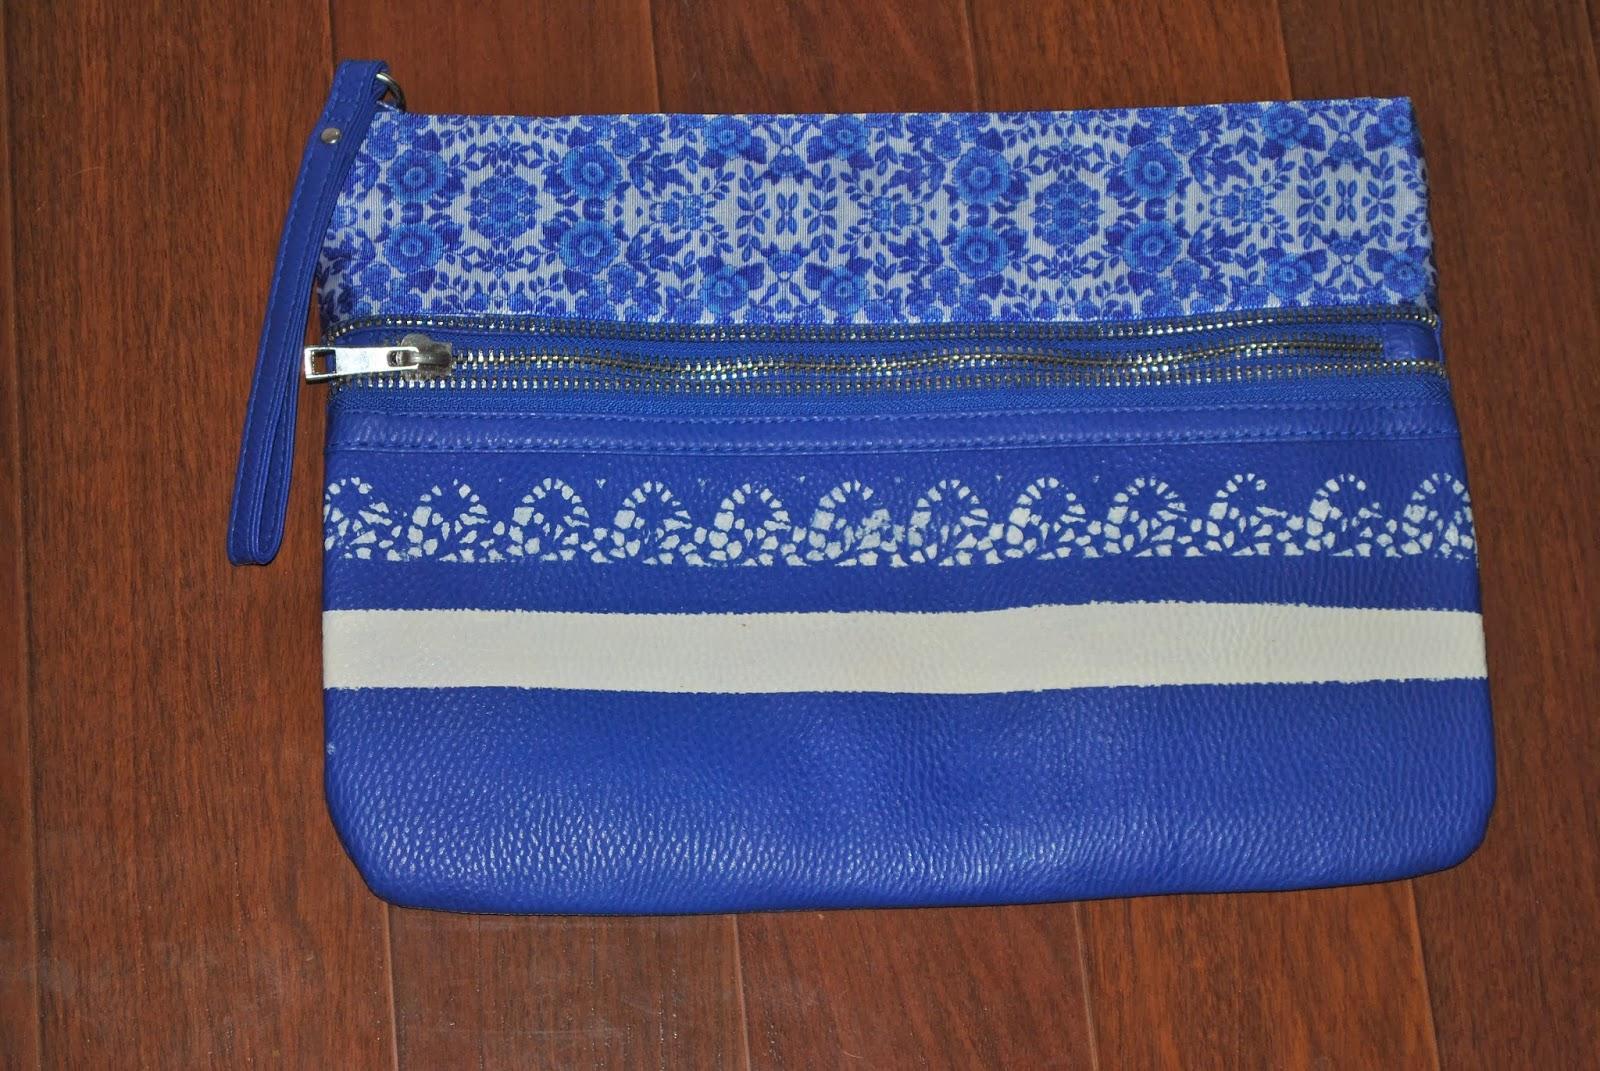 Diy nueva versión del bolso azul klein